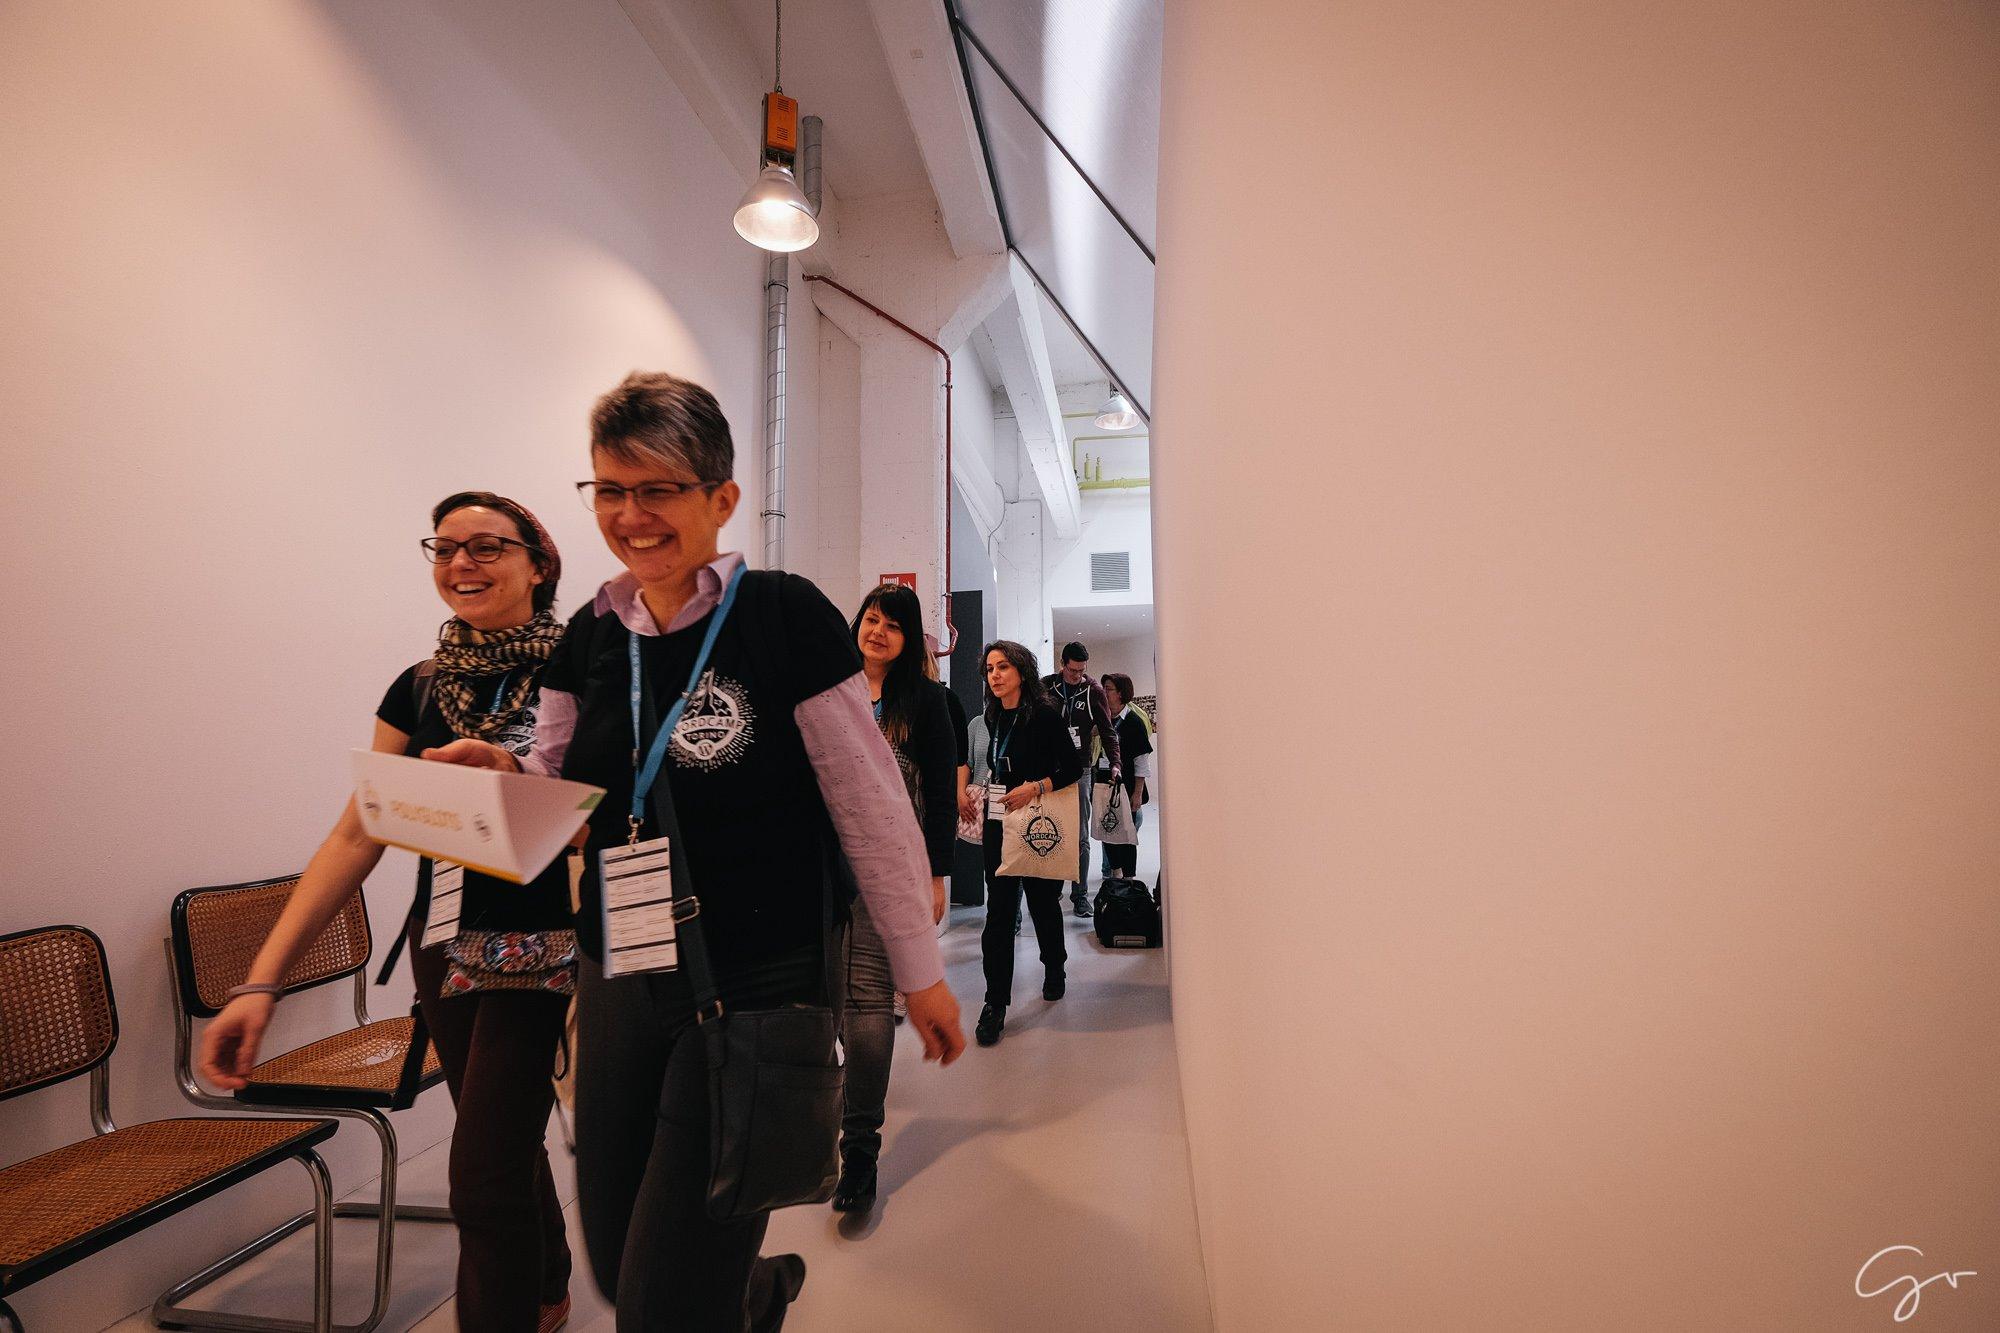 Women walking in hallway during WordCamp Torino